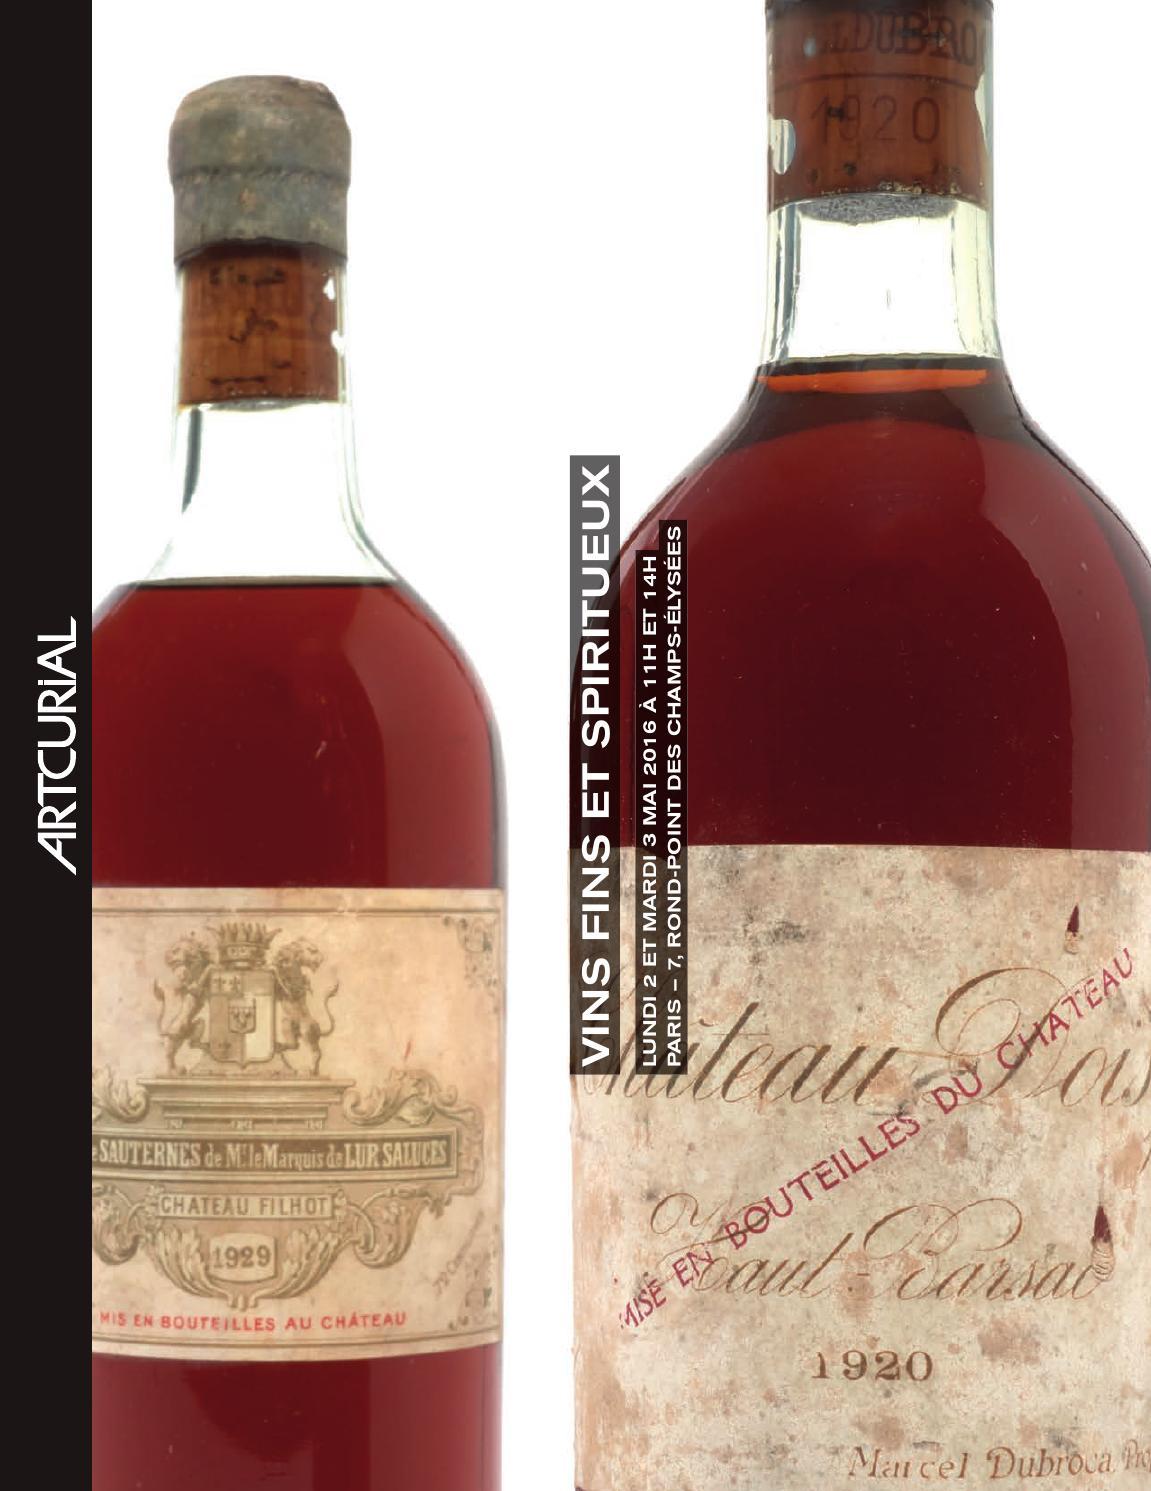 ÉTIQUETTE DE VIN Domaine de tout-vent Côtes du Rhône 1985 Wine label 118